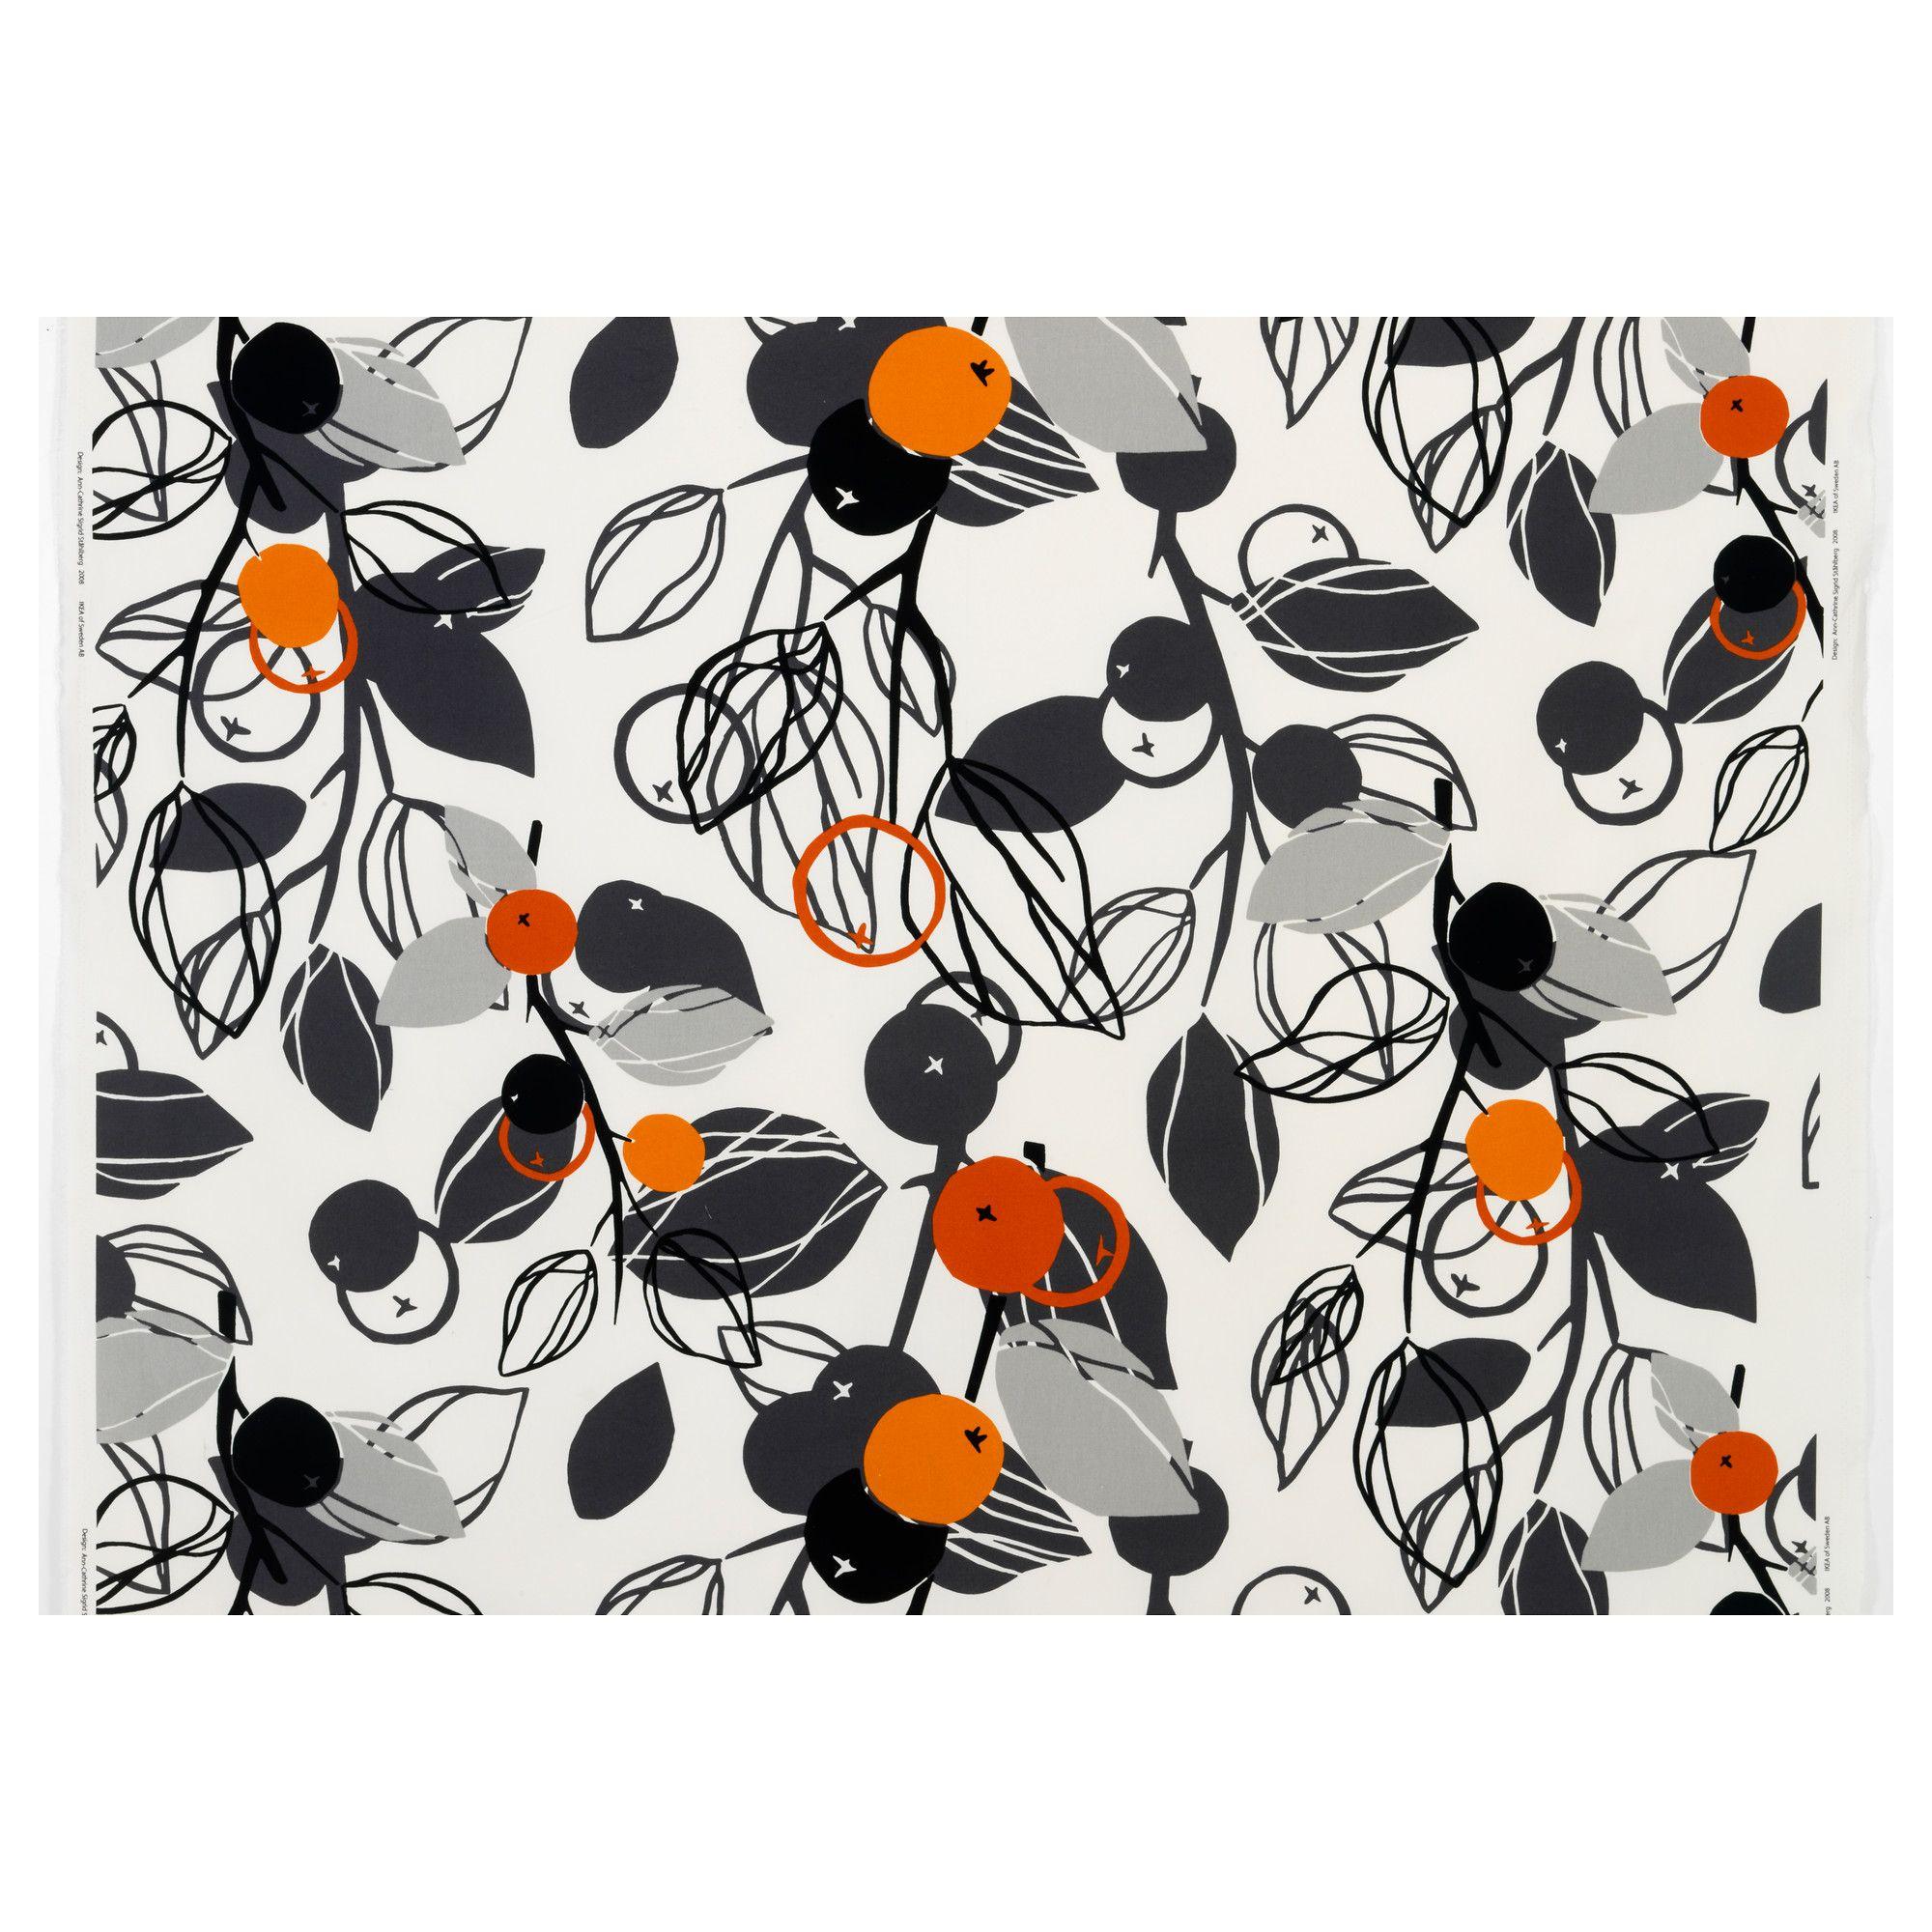 Ikea Us Furniture And Home Furnishings Ikea Fabric Designer Decorative Pillows Home Decor Fabric